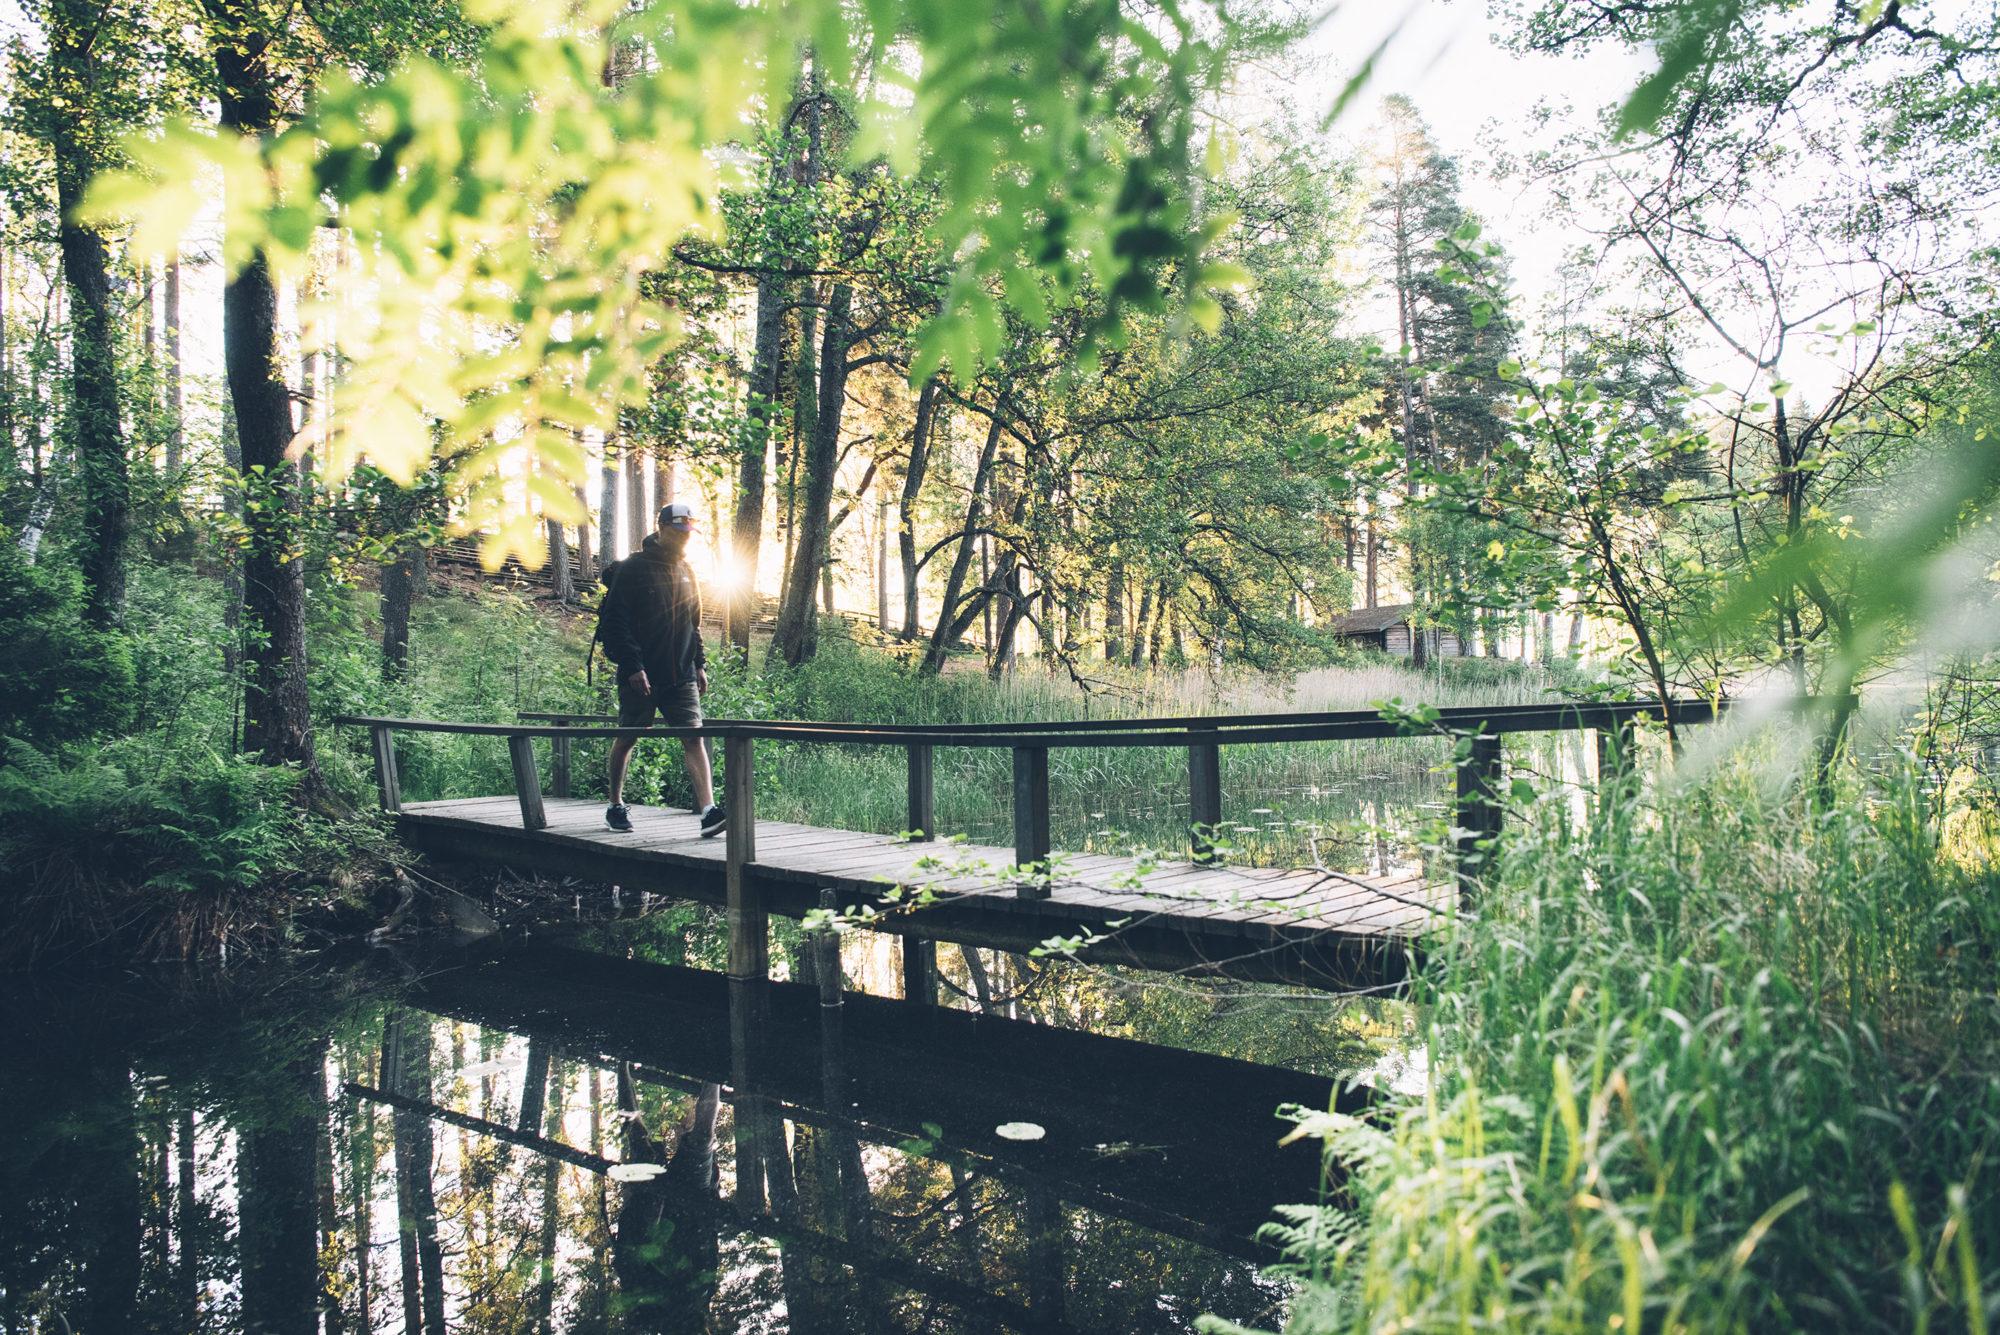 Eerikkila-Luontokeskus-SaarenKansanpuisto